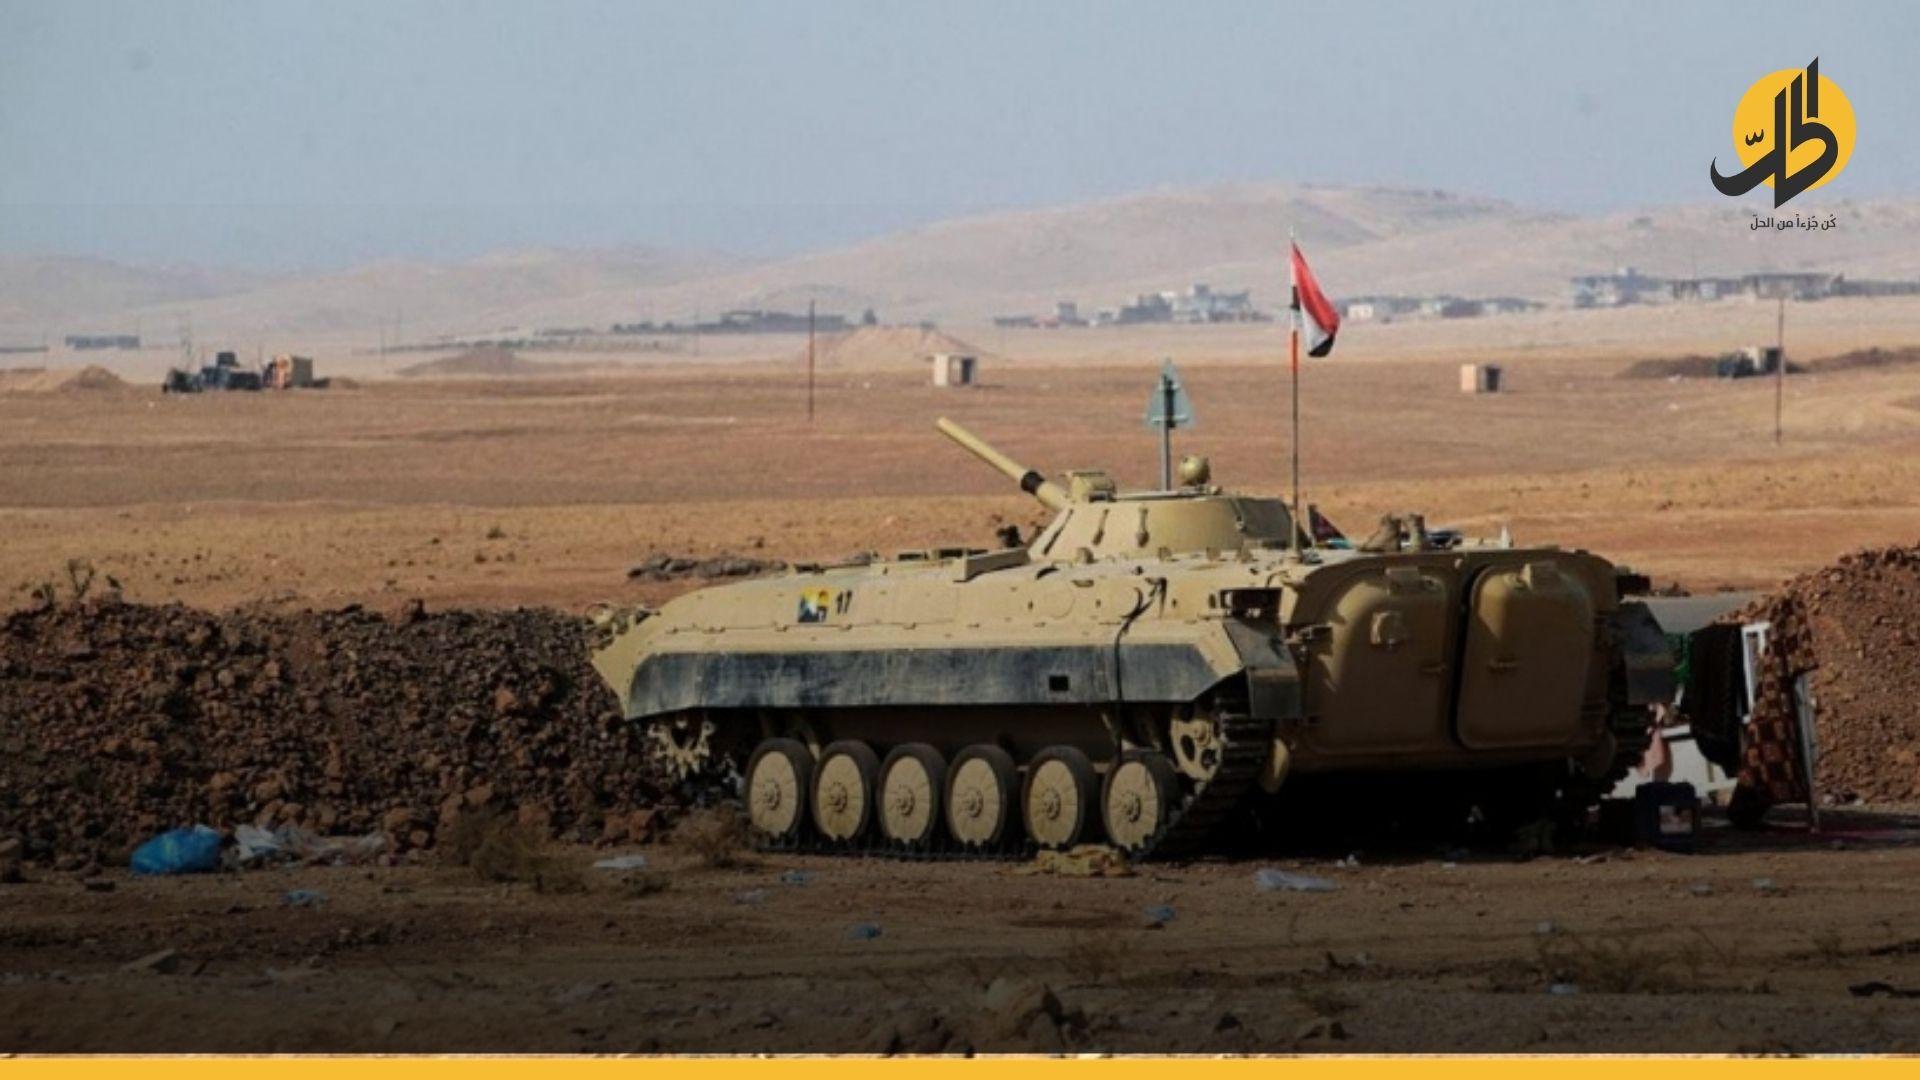 """ممر سري يتسلل منه """"داعش"""" من سوريا إلى العراق إلى حدود إيران"""